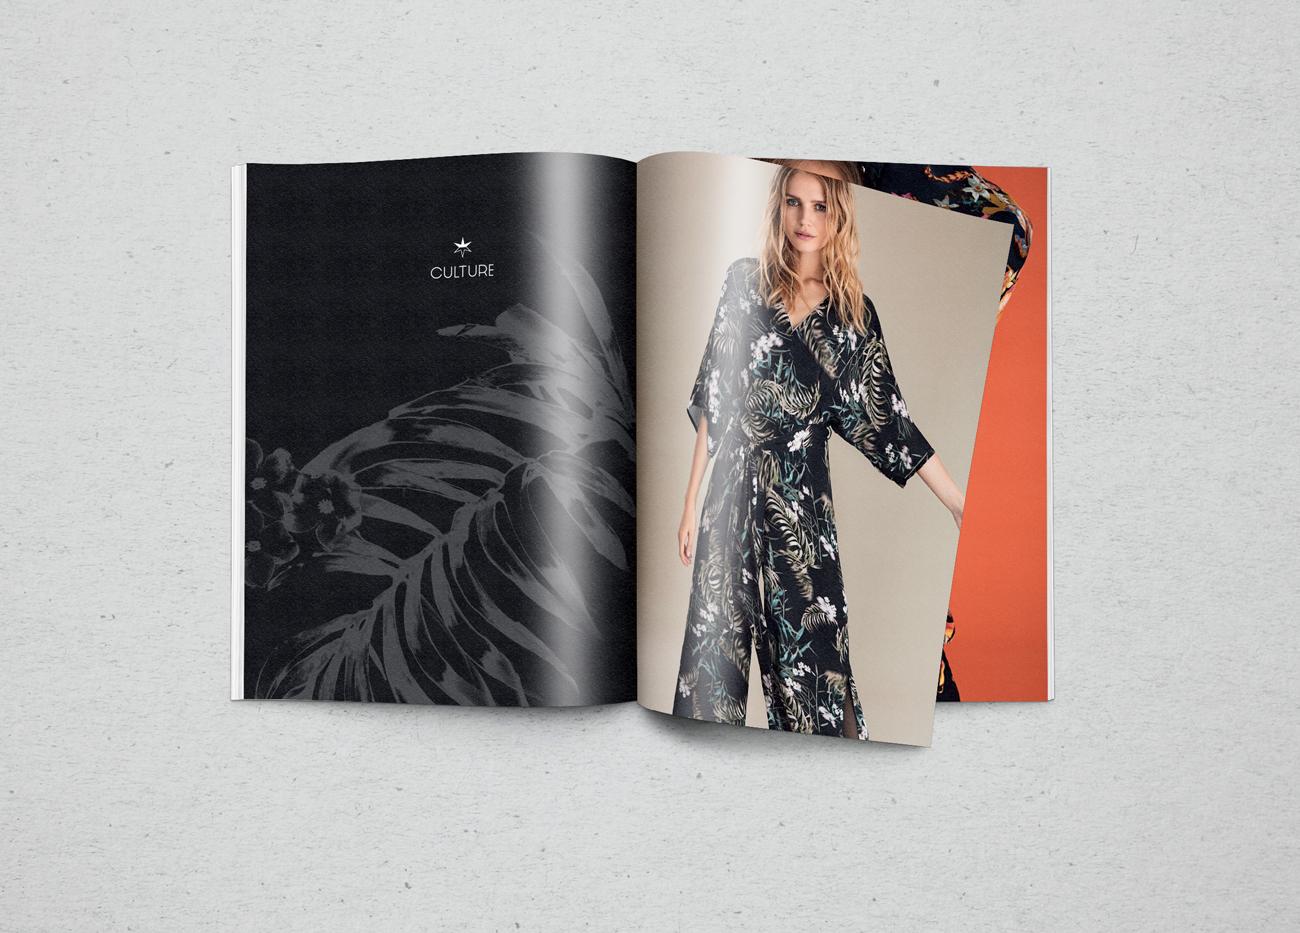 Modebrandet CULTURE klar med nyt katalog